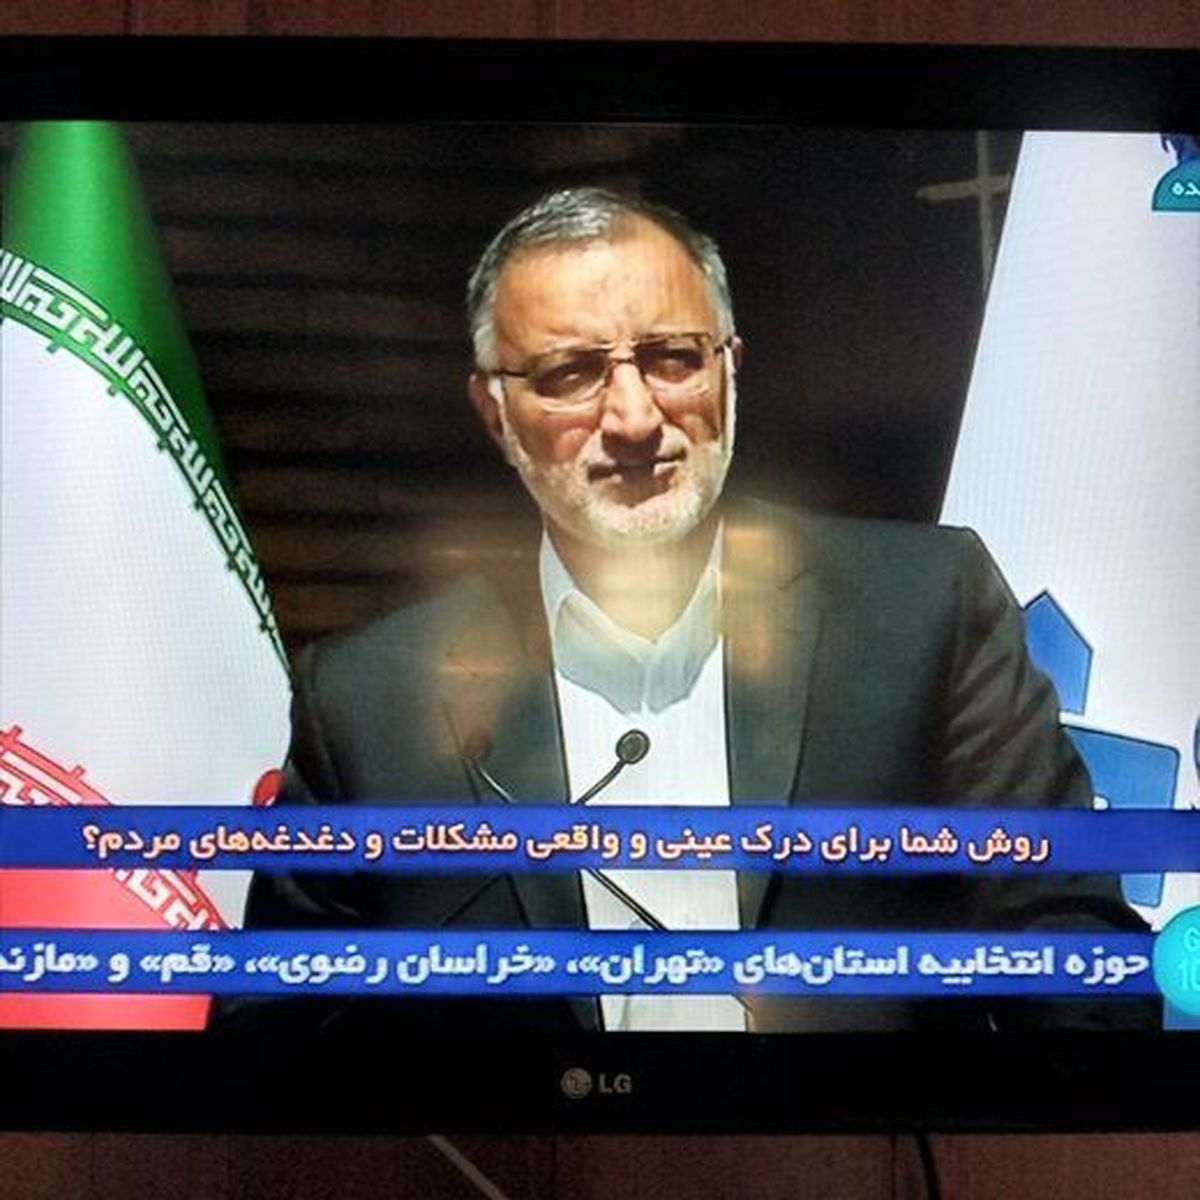 واکنش همتی به خبر انصراف زاکانی از انتخابات